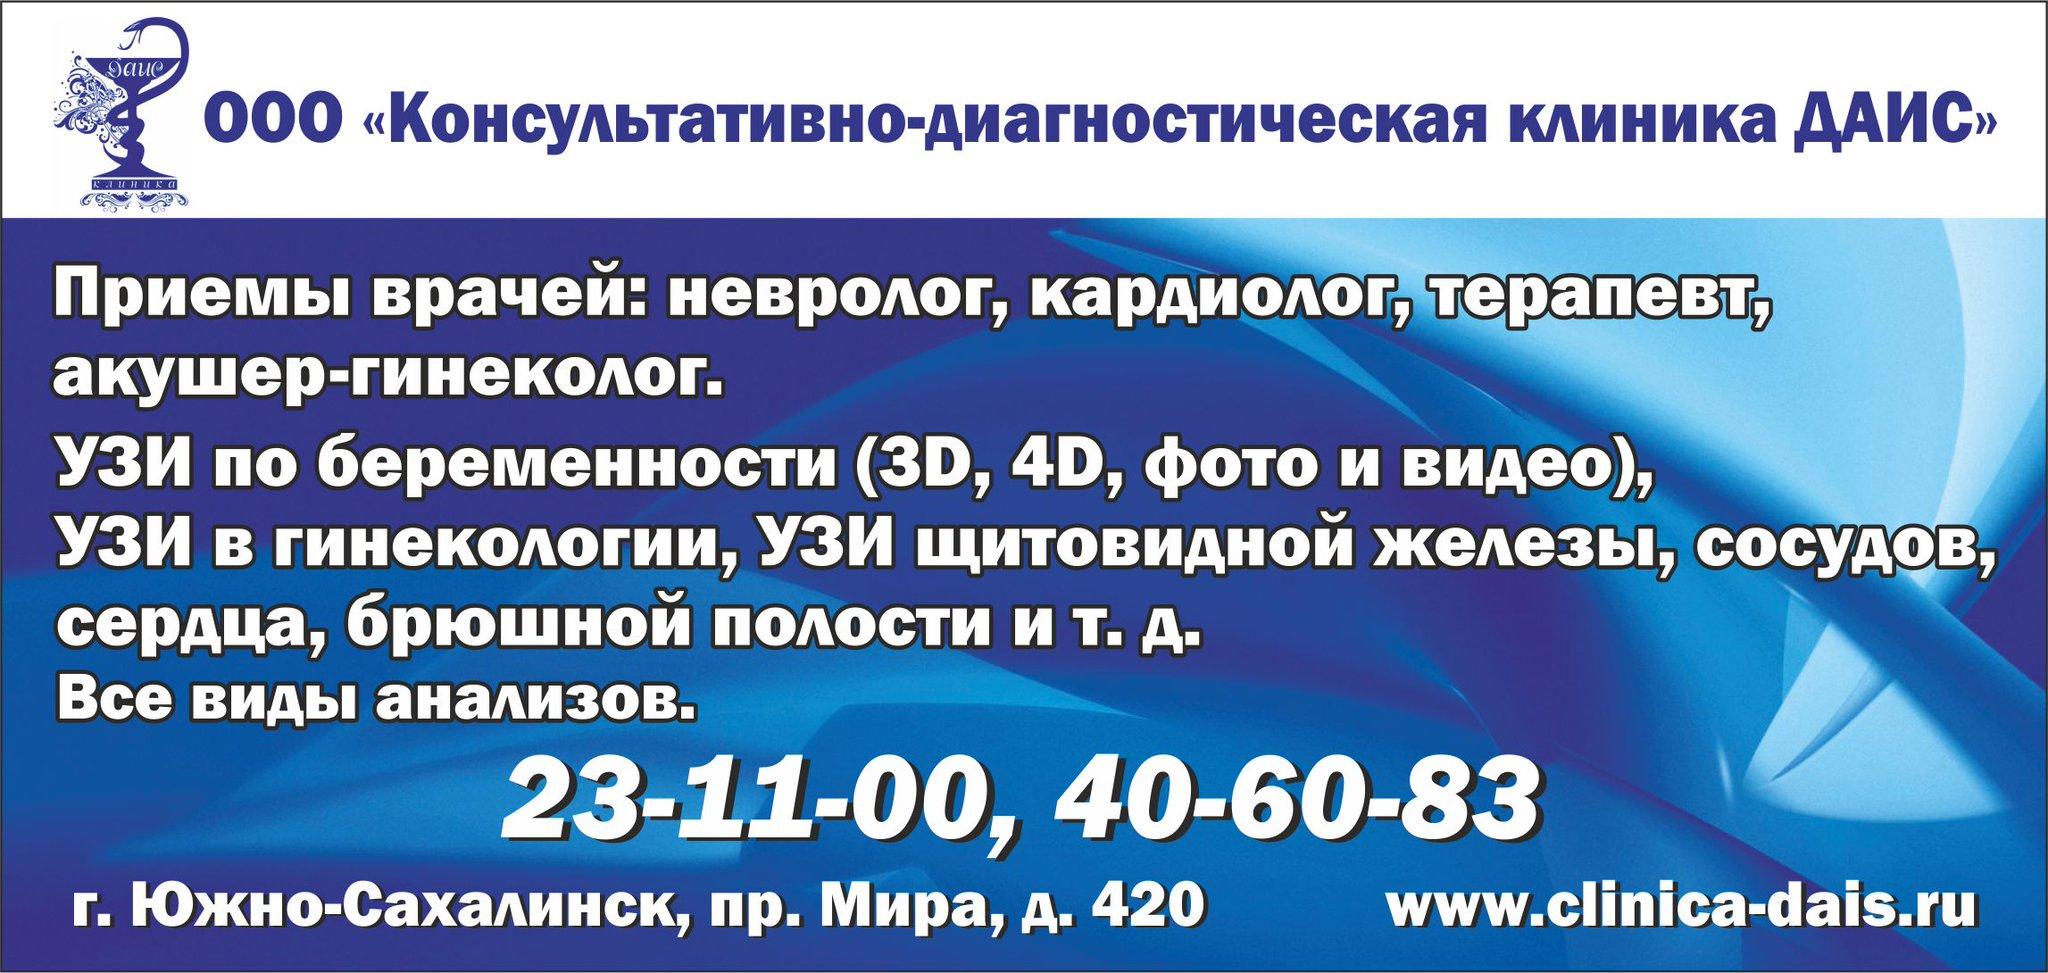 консилиум южно сахалинск фото спектра